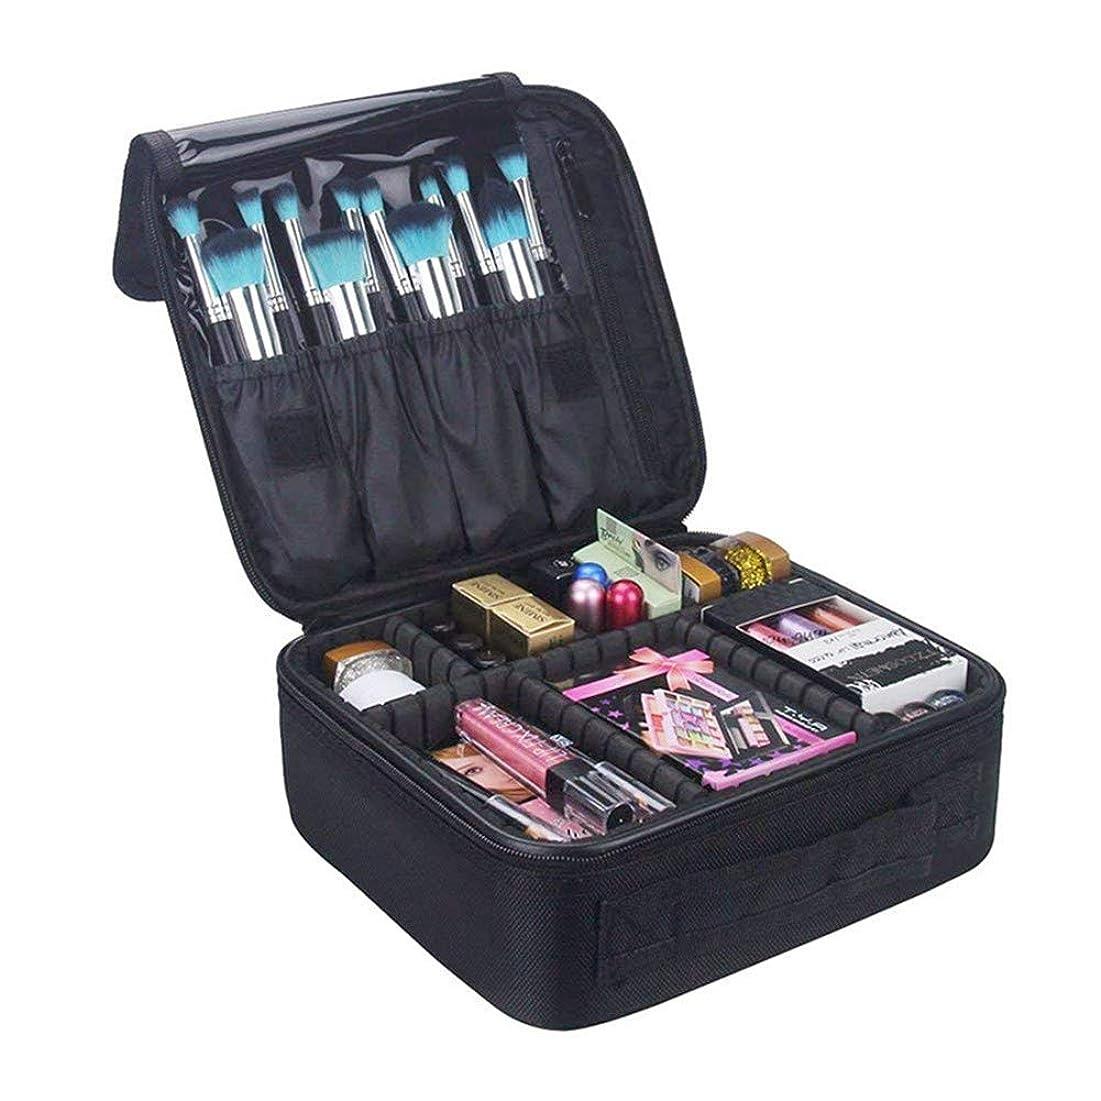 ペレット熱帯の未満OUTRY プロ用 メイクボックス 高品質 多機能 多容量 メイクブラシバッグ 収納ケース スーツケース?トラベルバッグ 化粧バッグ メイクブラシ 化粧道具 小物入れ (ブラック)